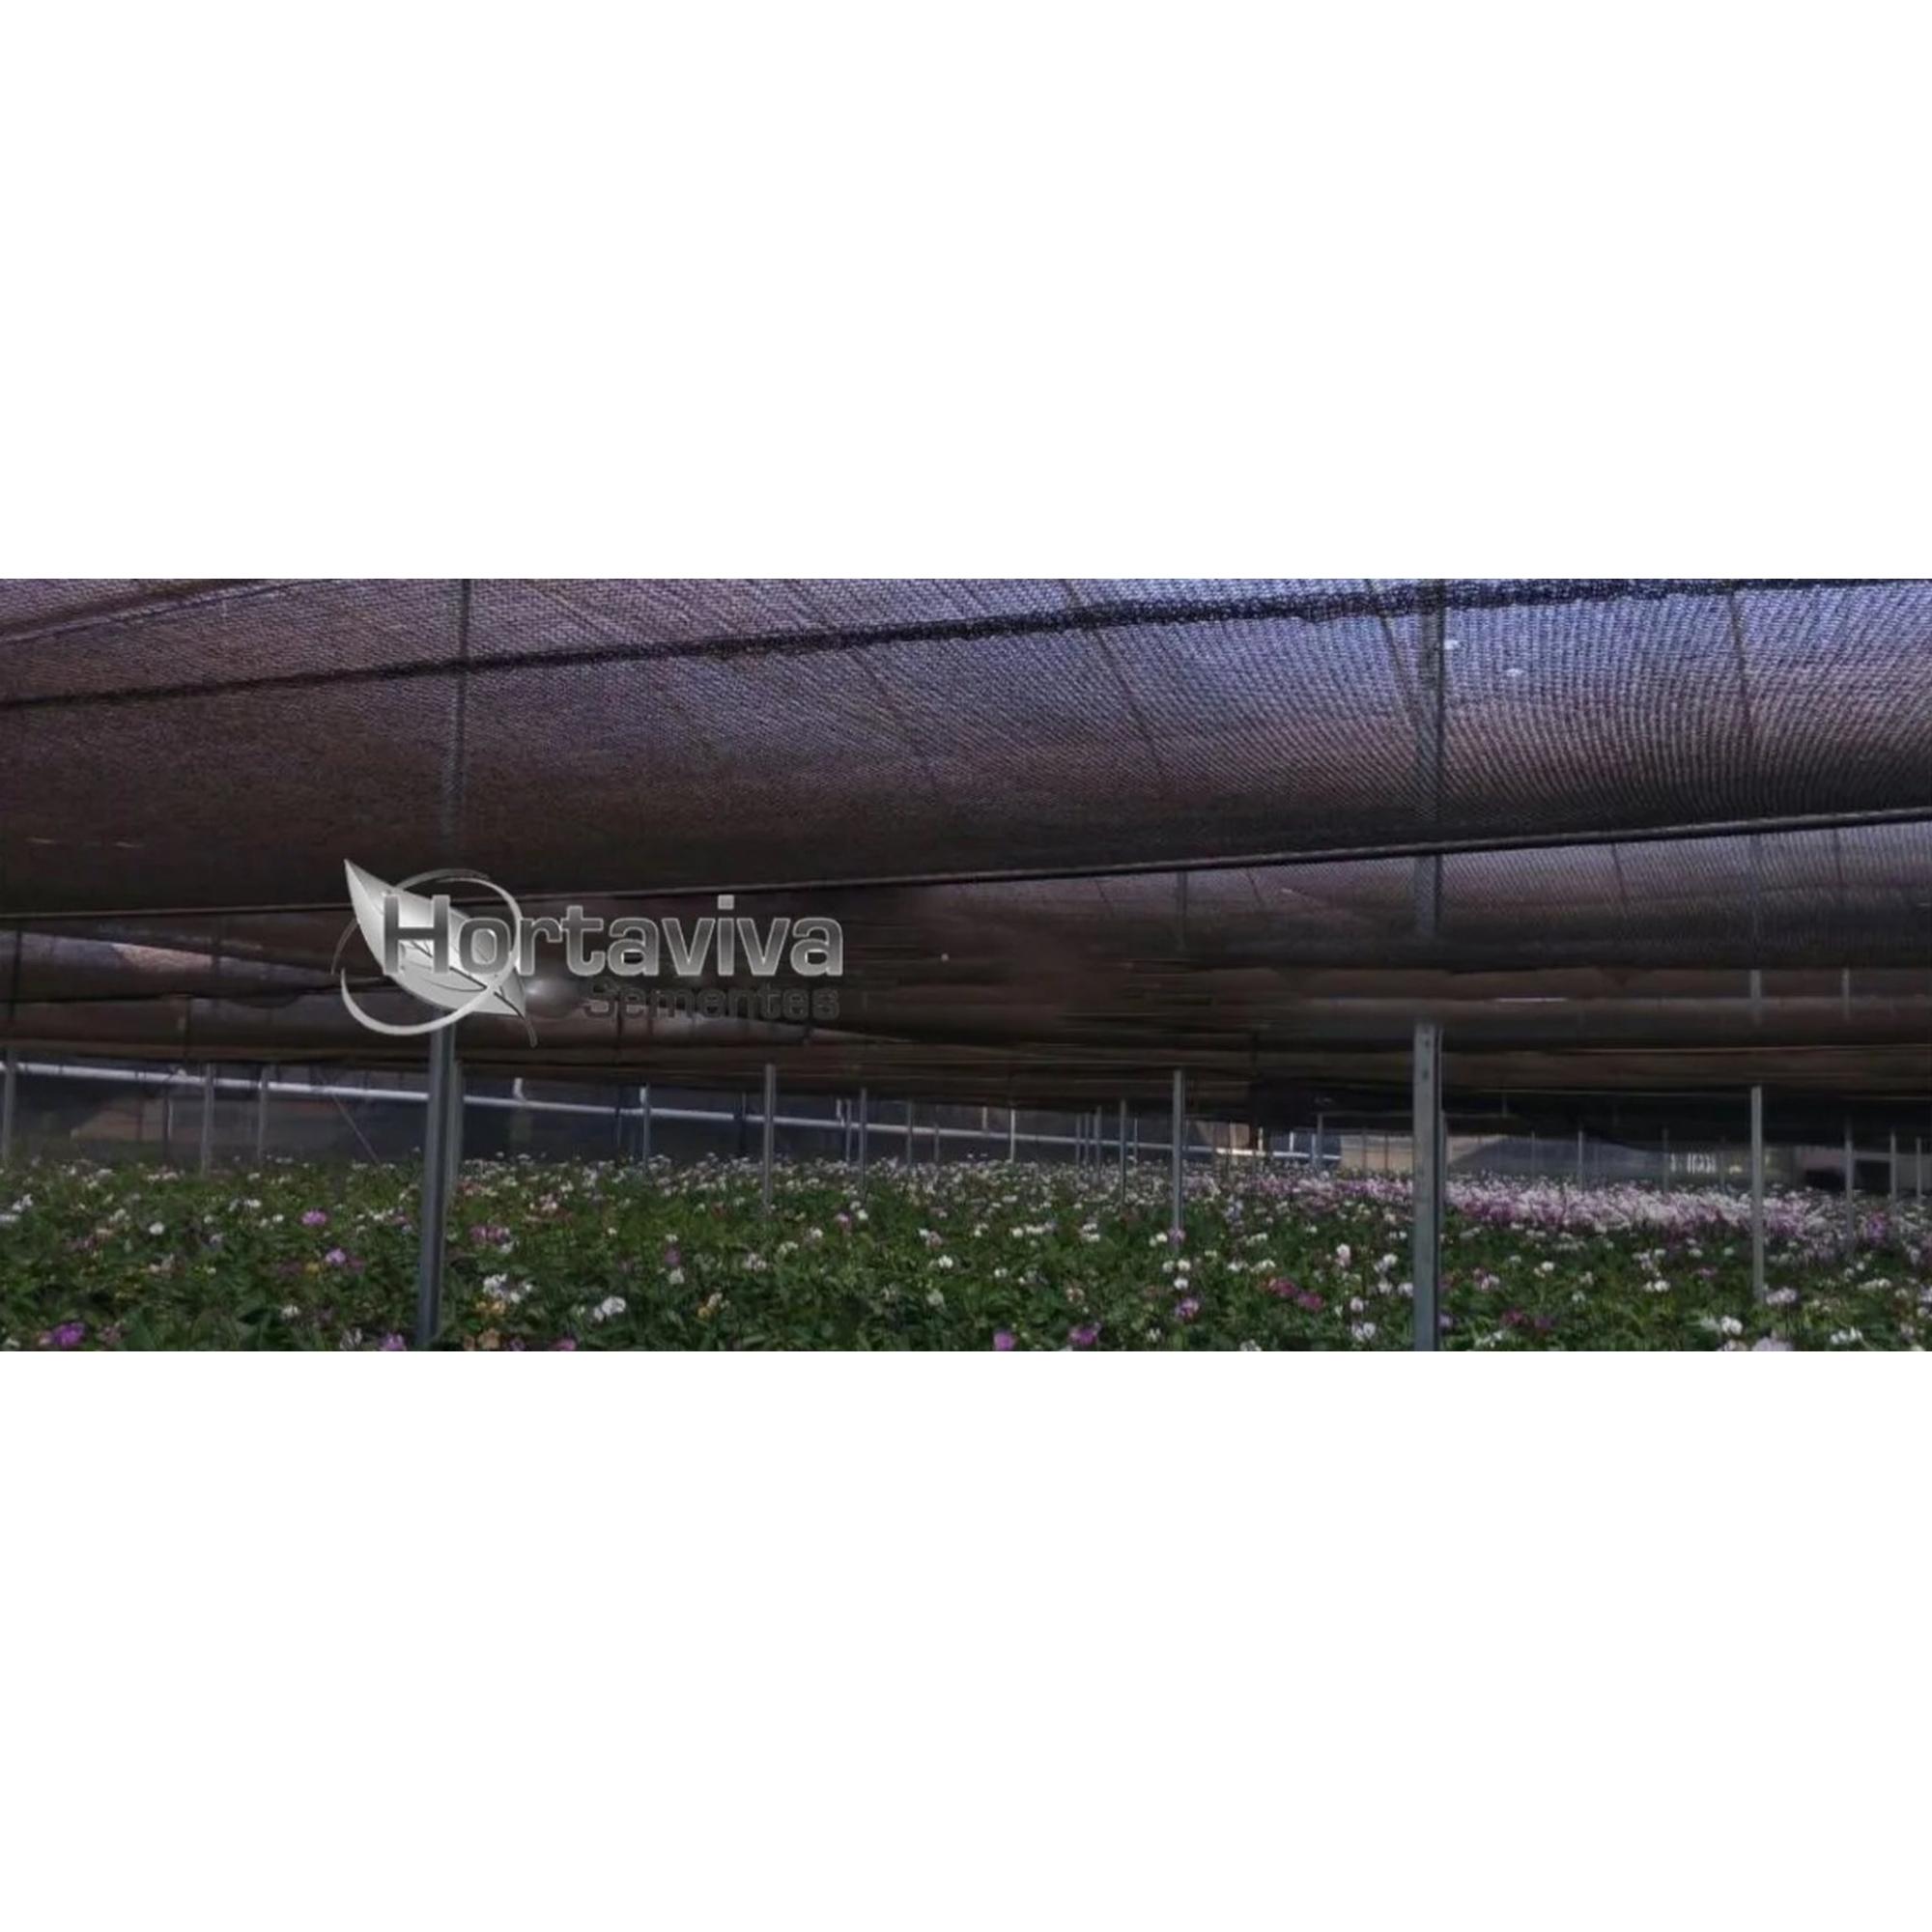 Tela de Sombreamento Preta 50% - 1,5 Metros x 20 Metros